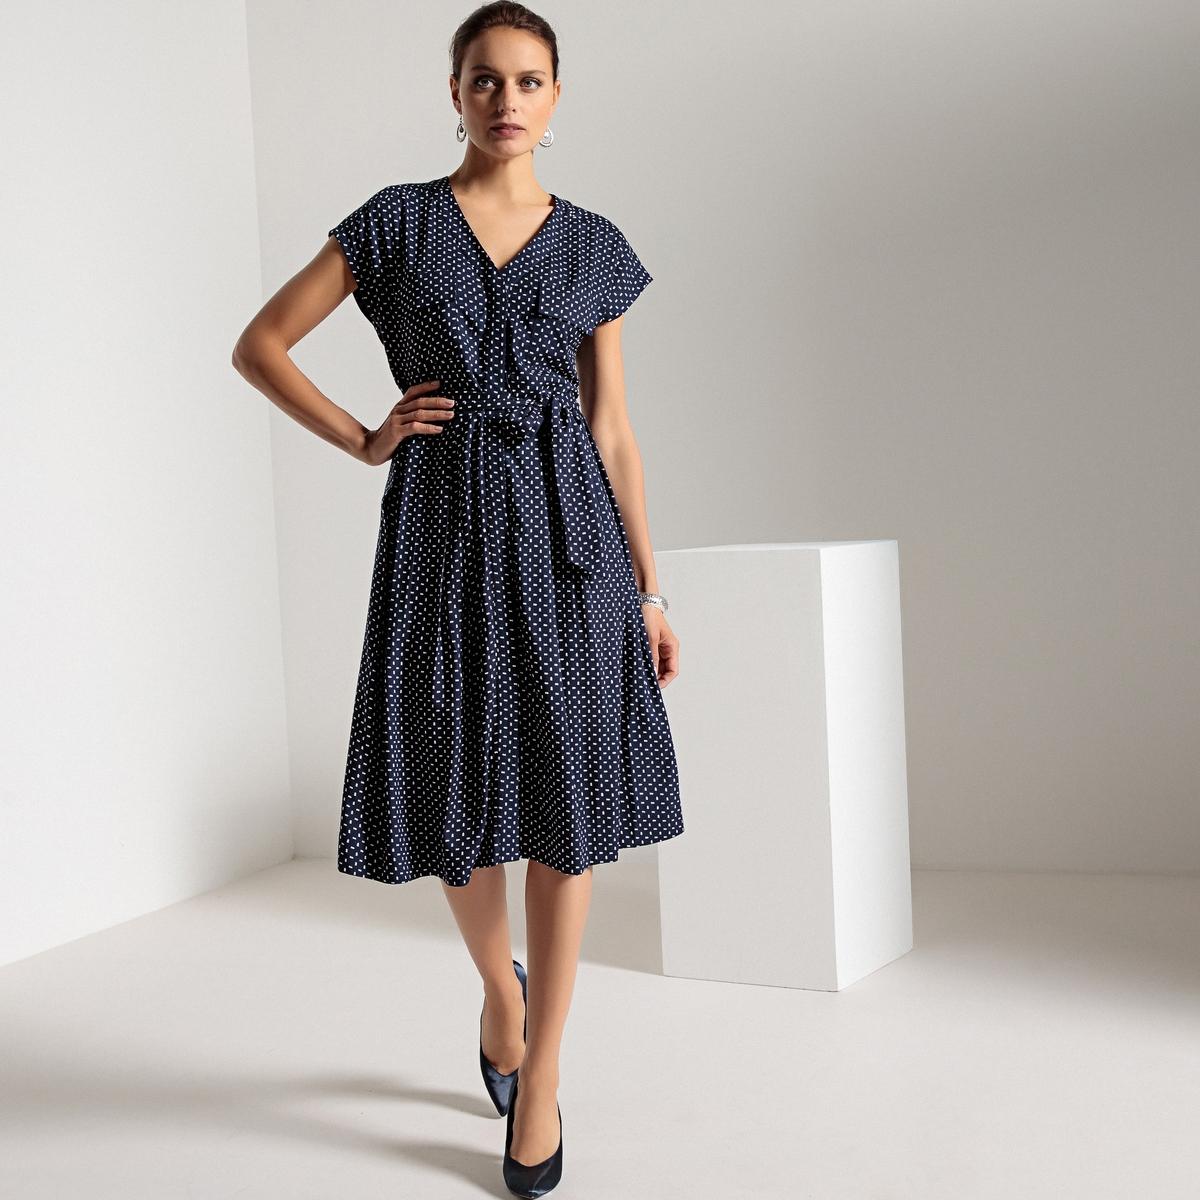 Платье с короткими рукавами из струящейся ткани с принтом платье из струящейся ткани 100% вискозы